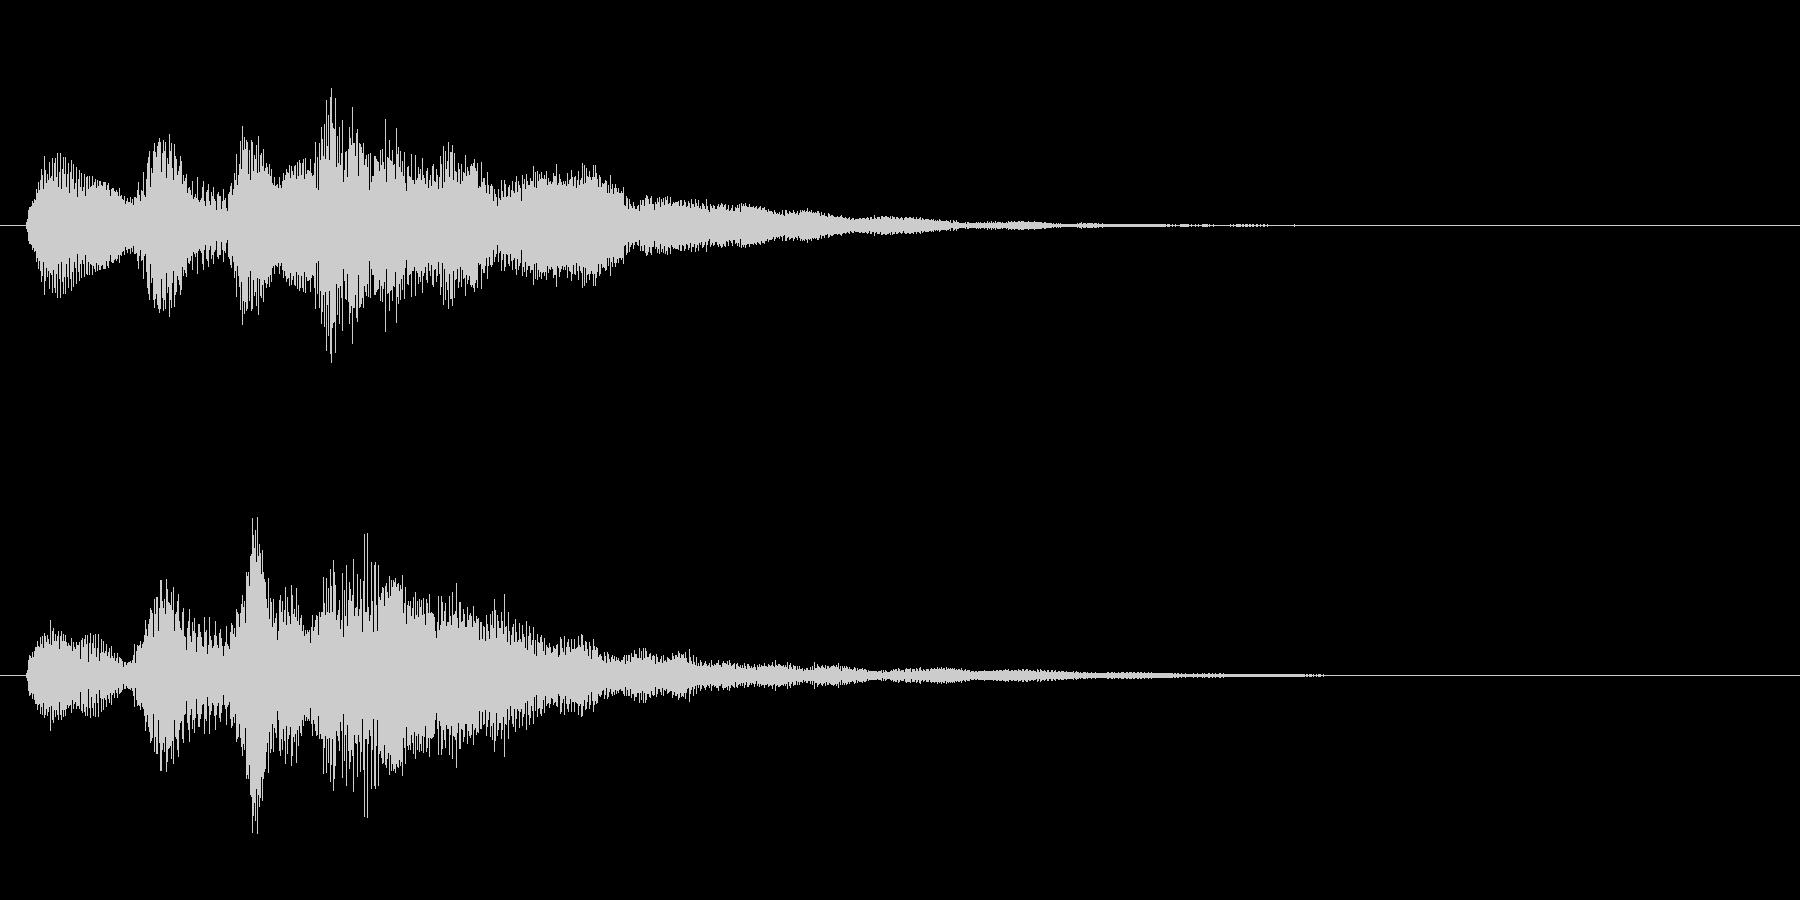 サウンドロゴ(企業ロゴ)_004の未再生の波形